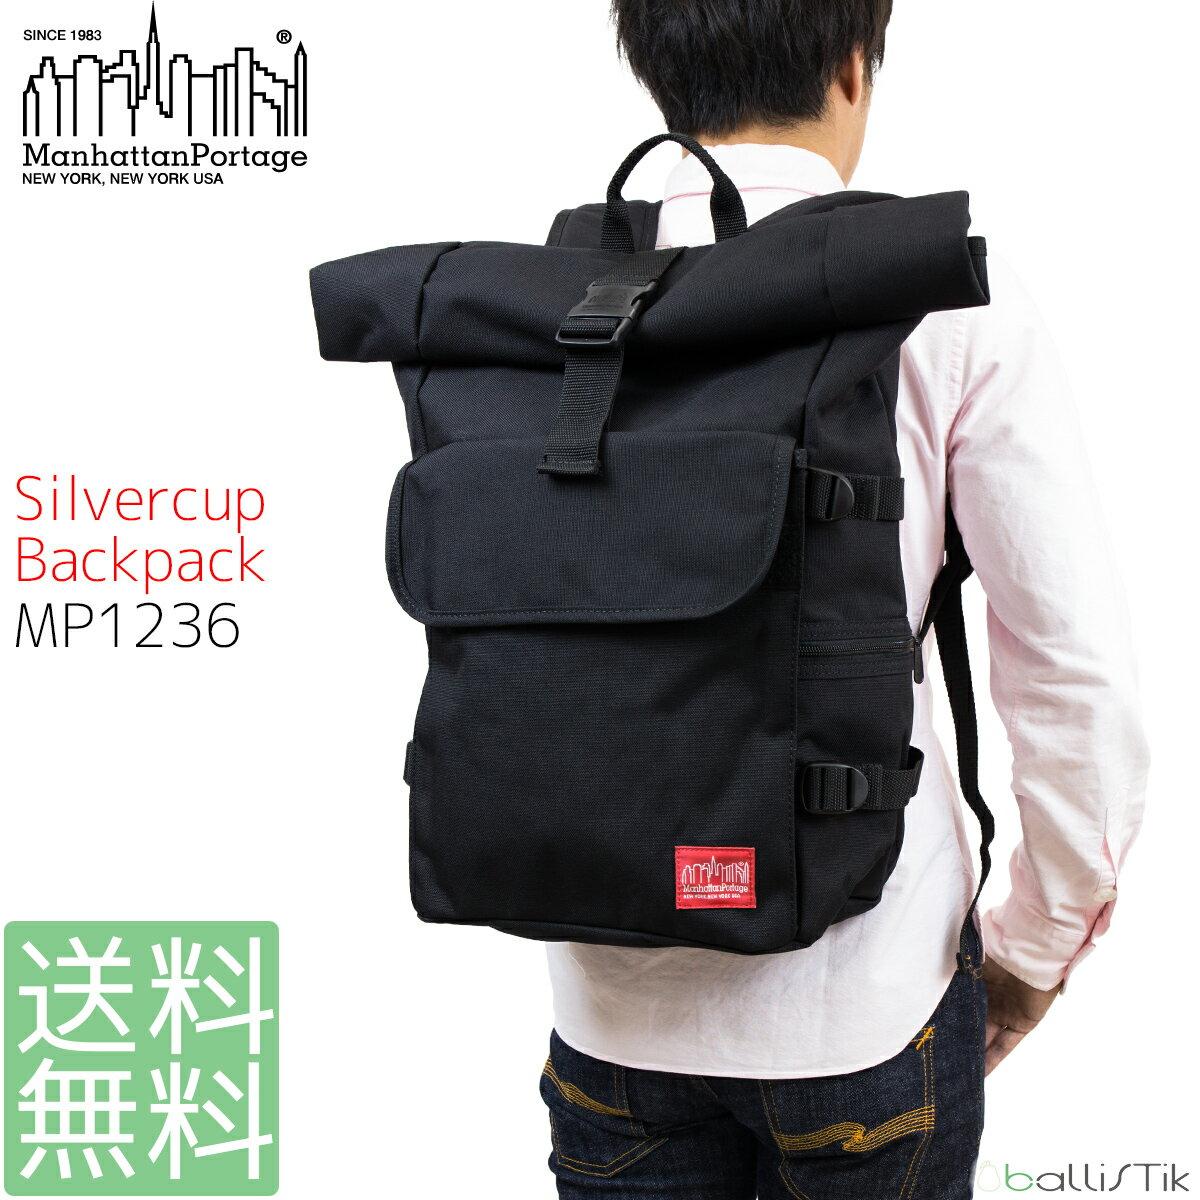 メンズバッグ, バックパック・リュック 10 Silvercup Backpack MP1236